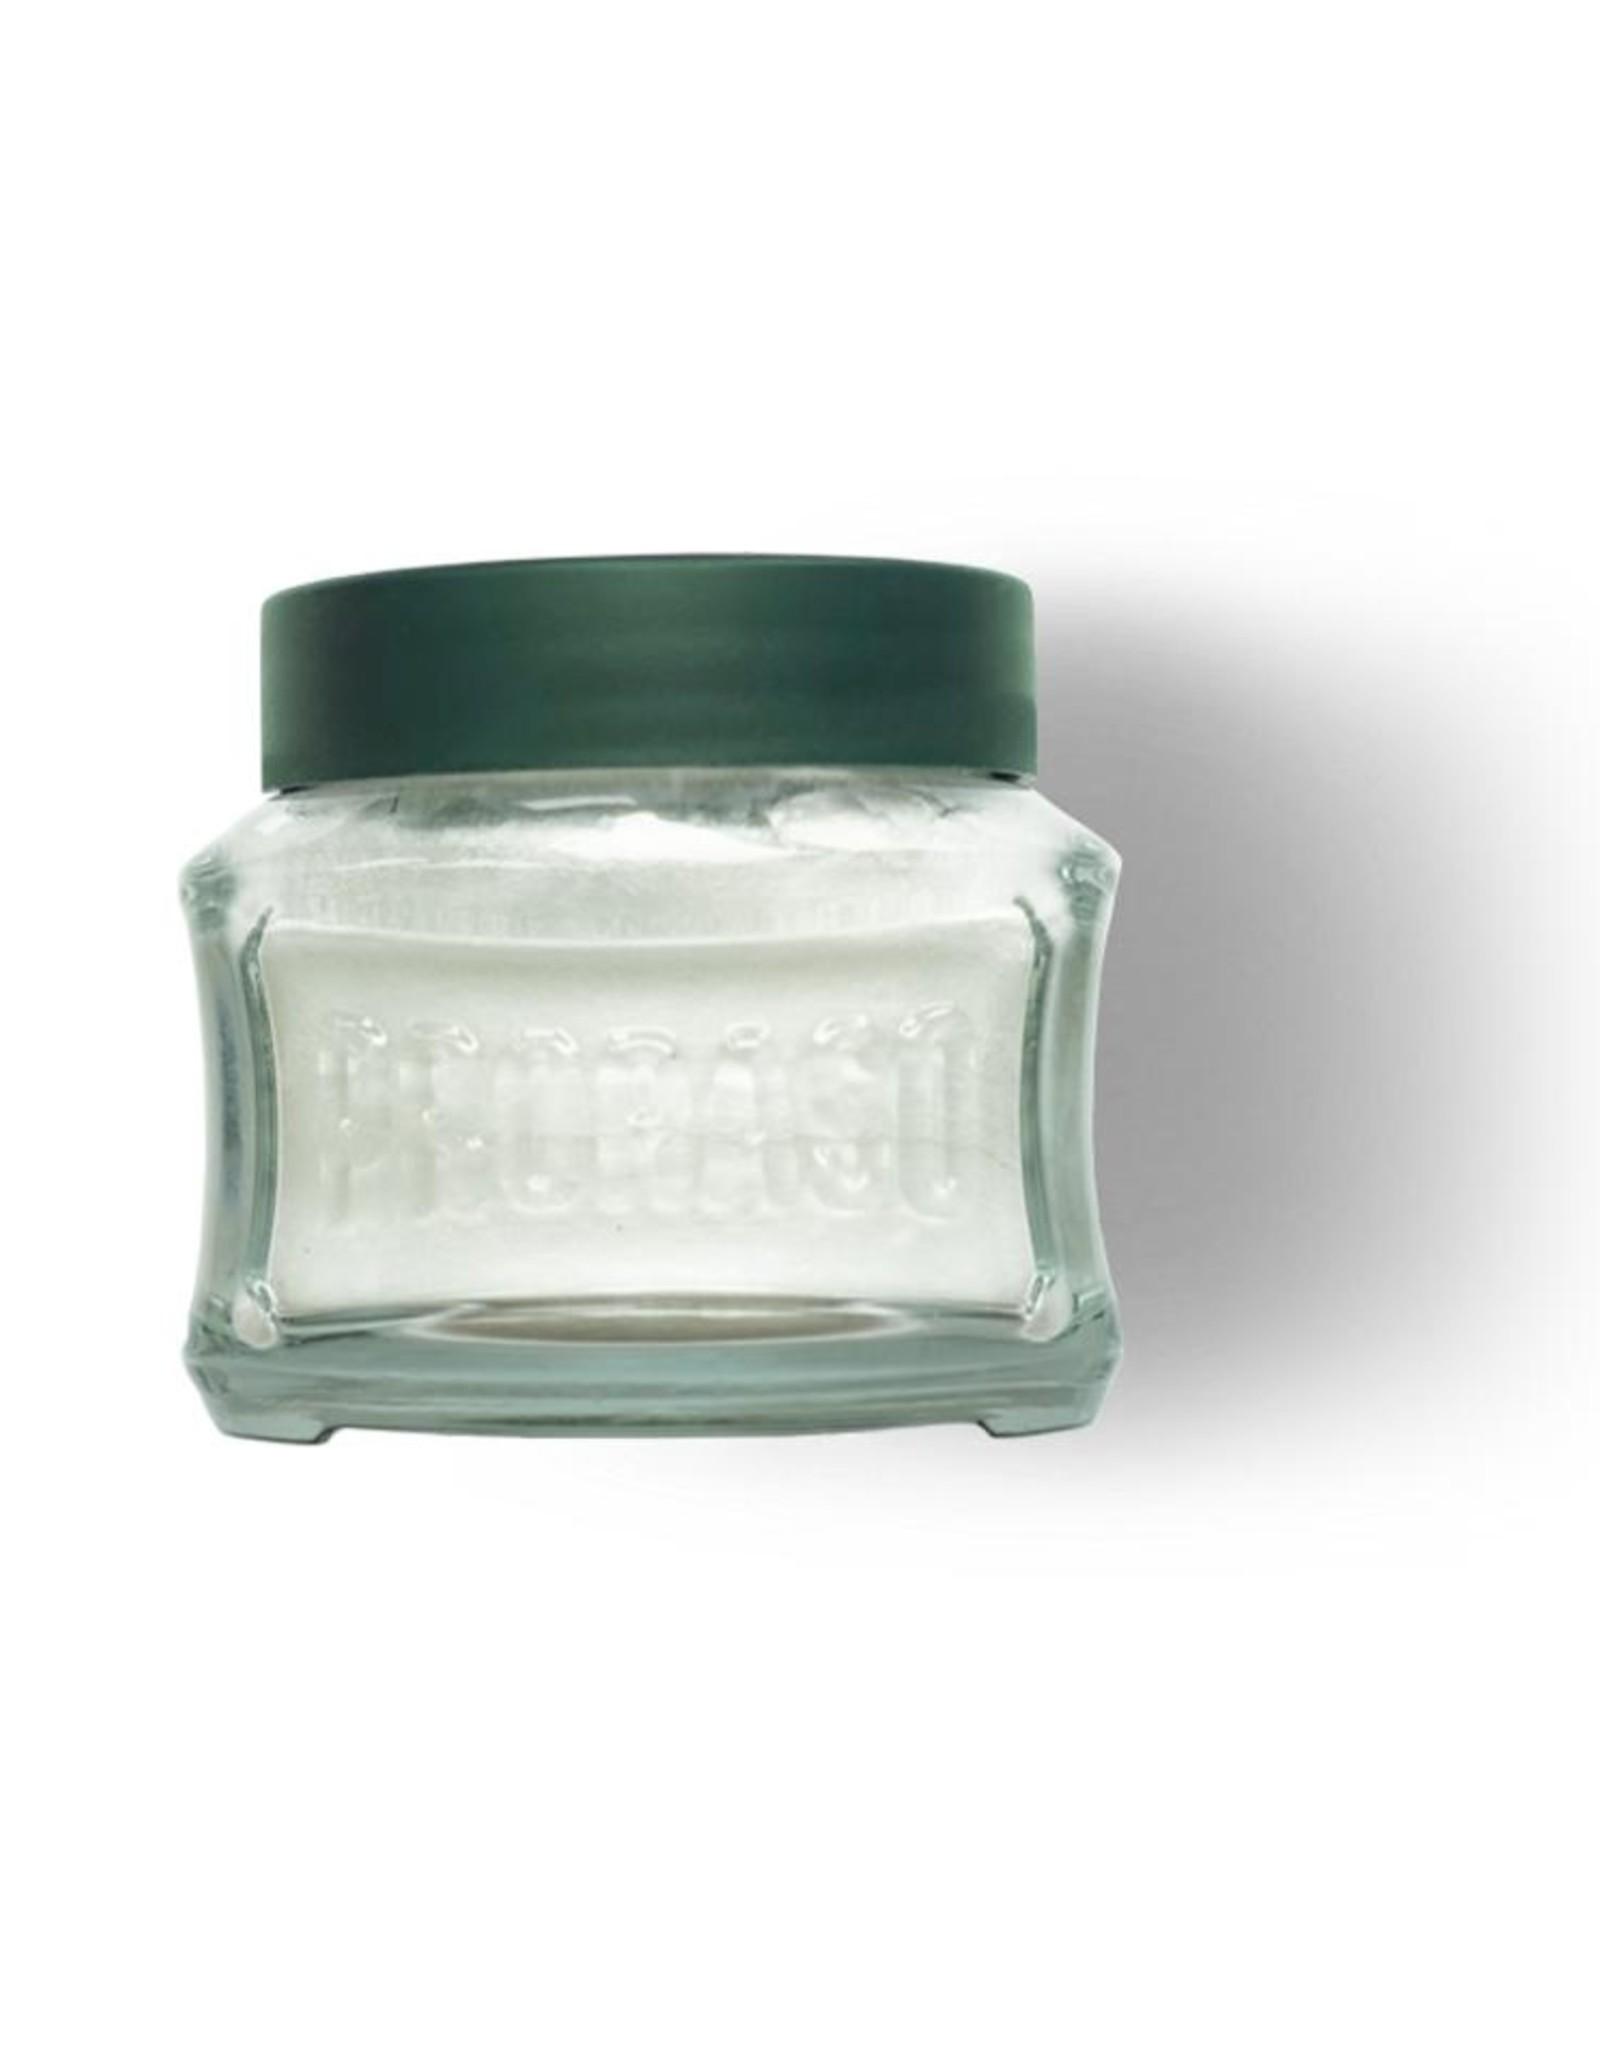 Proraso Pre Shave Cream